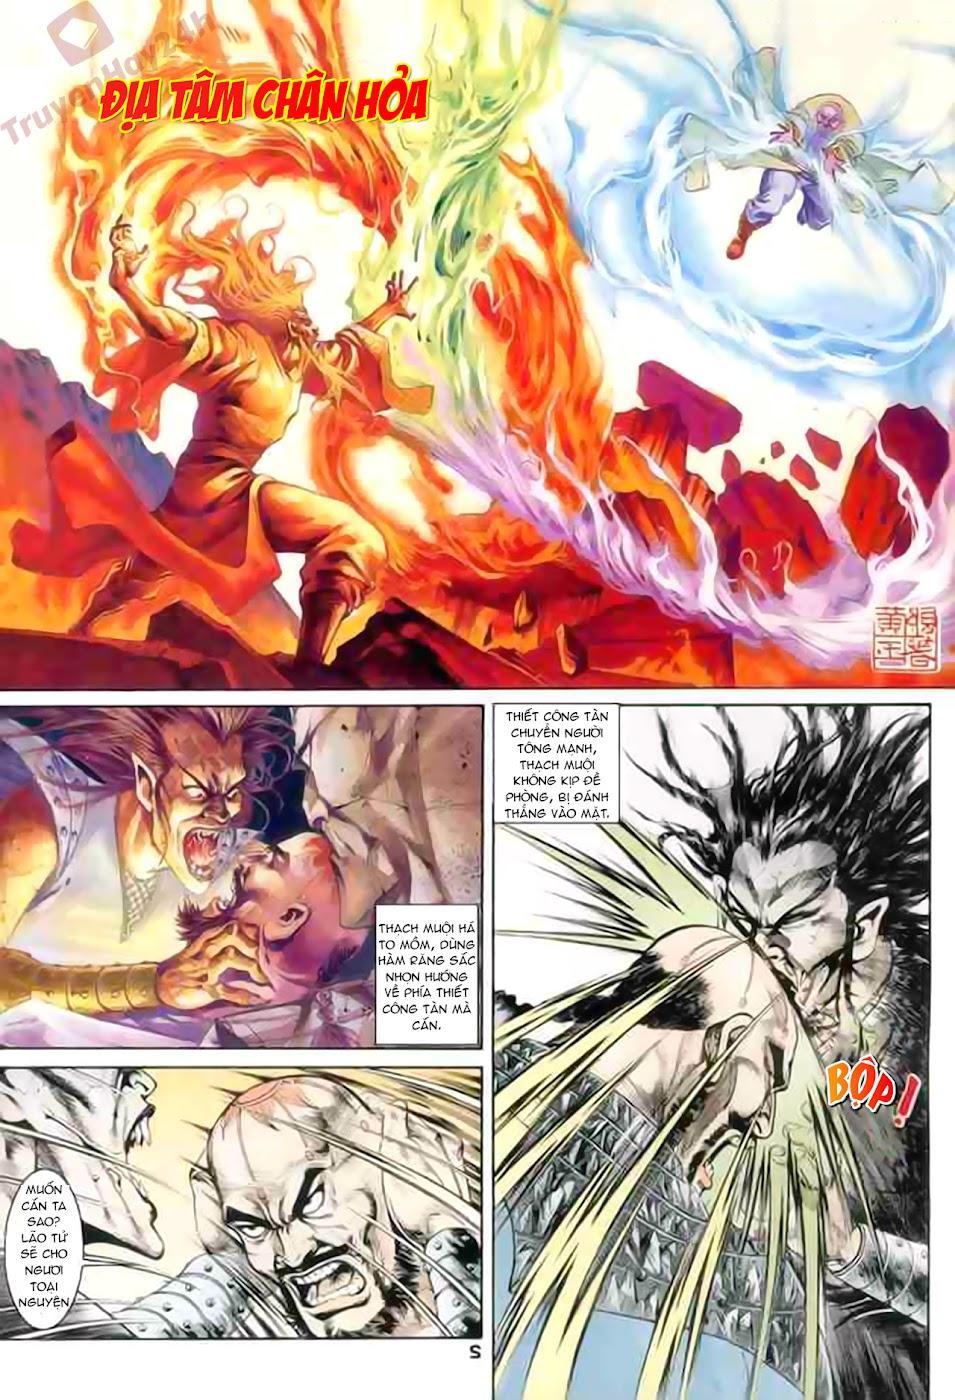 Cơ Phát Khai Chu Bản chapter 86 trang 3